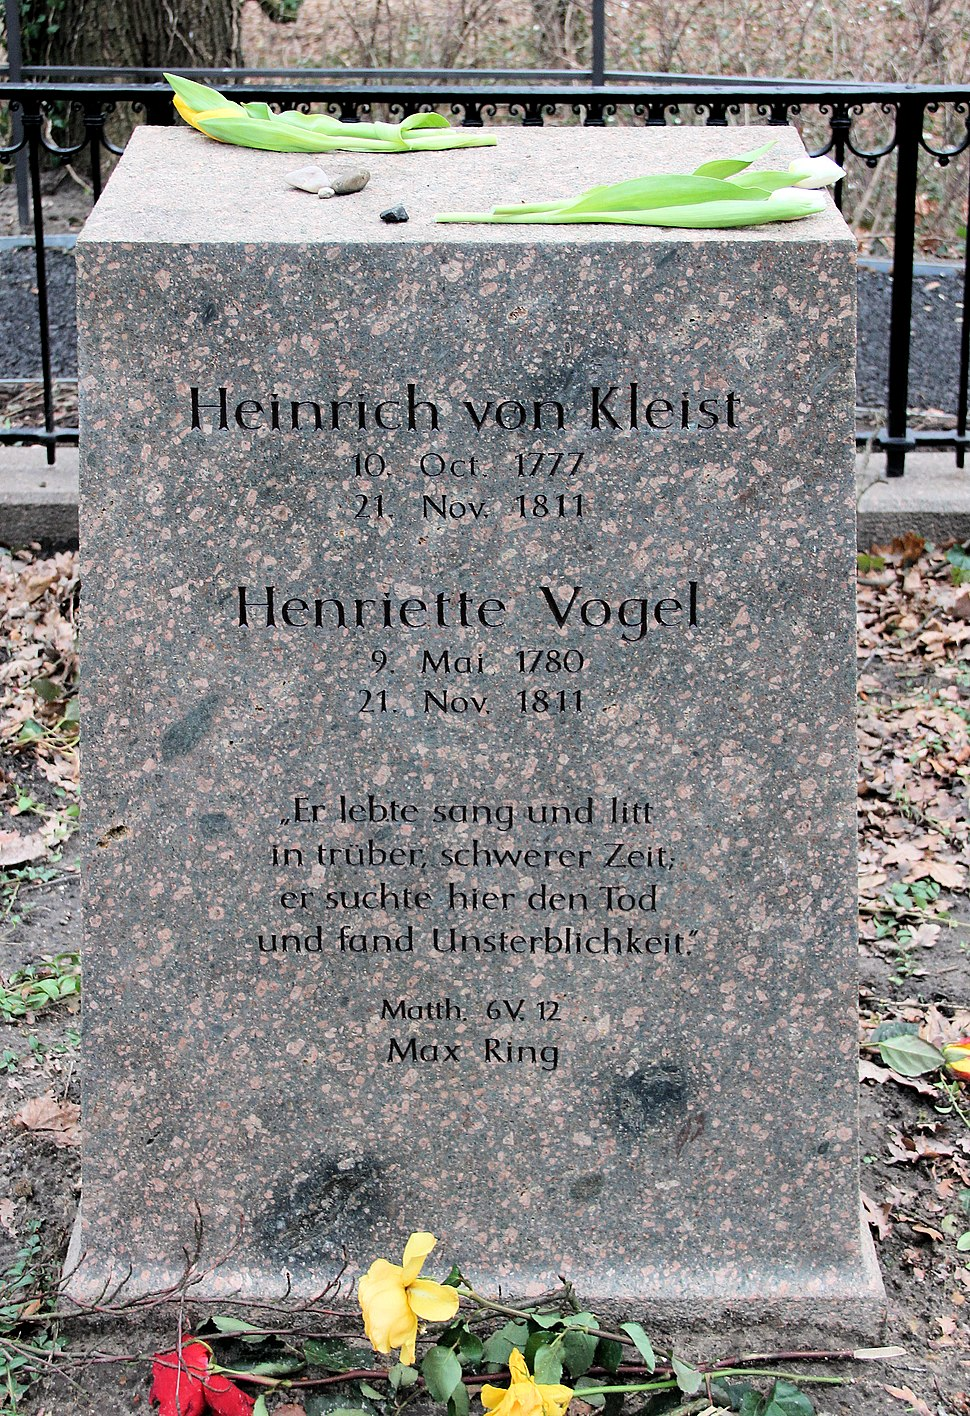 Grabst%C3%A4tte Bismarckstr 2-4 (Wanns) Heinrich von Kleist 1